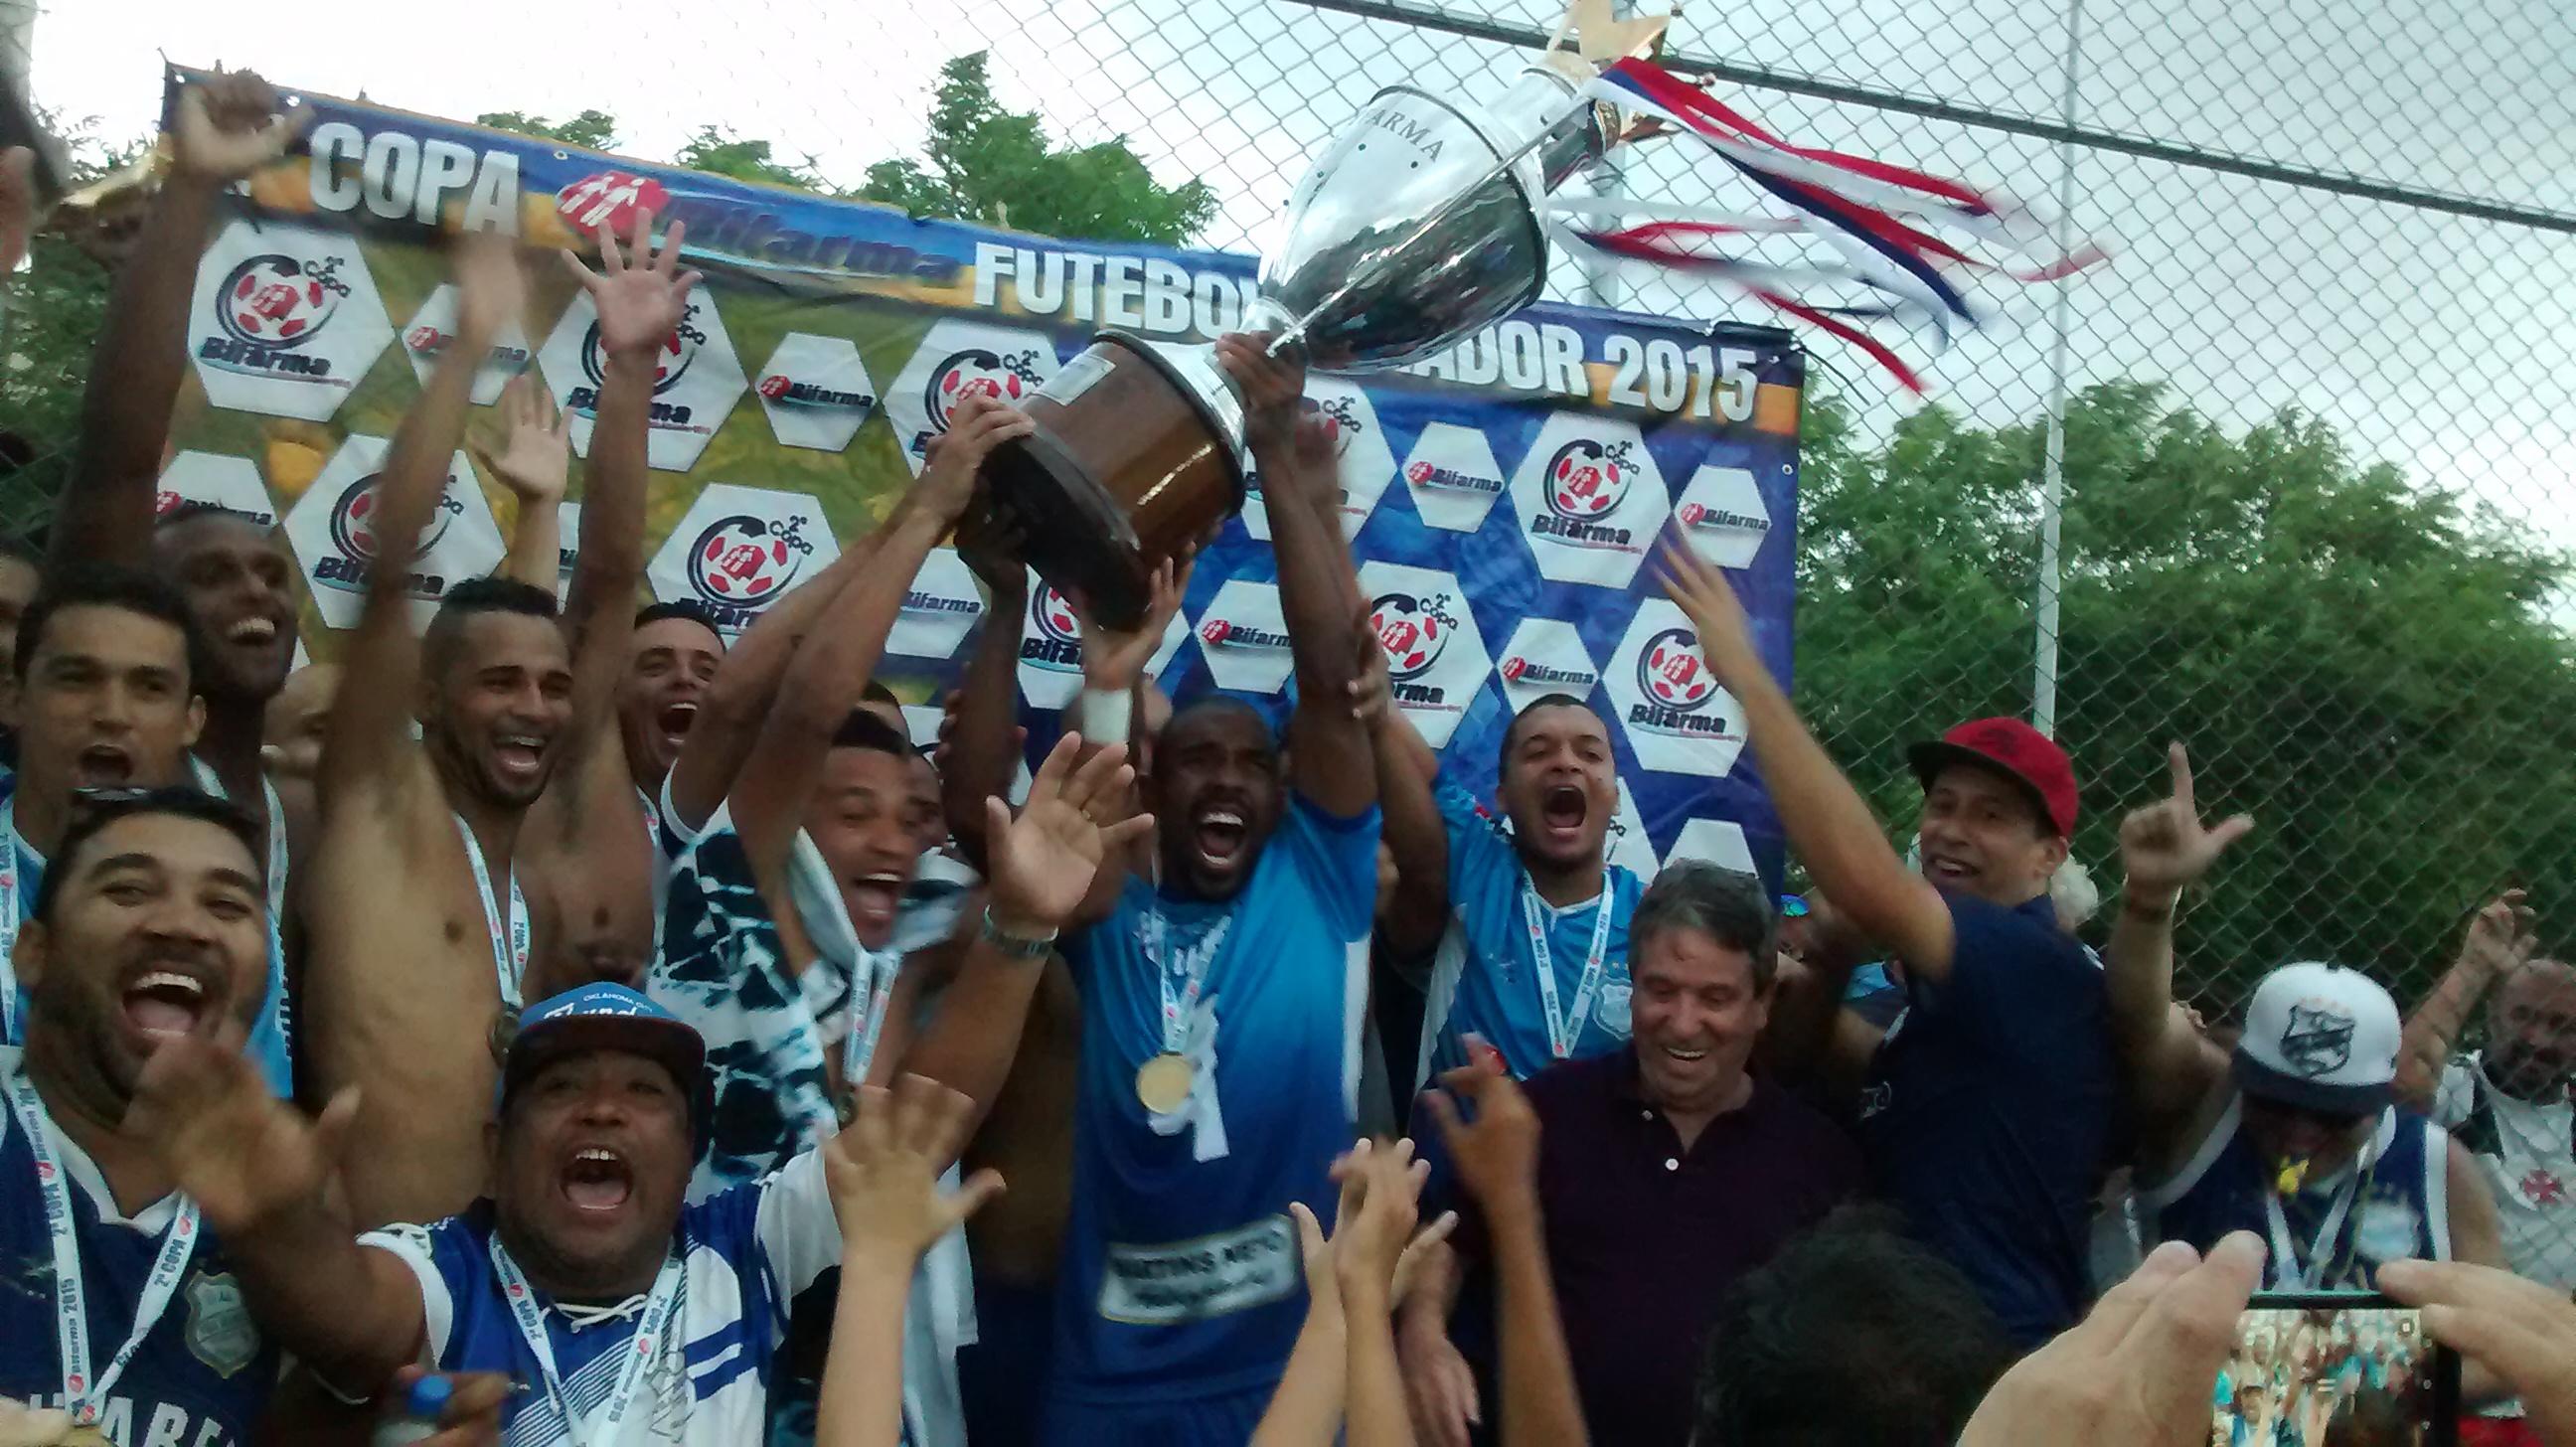 Vila Izabel confirma vantagem e fica com o título da Copa Bifarma 2015